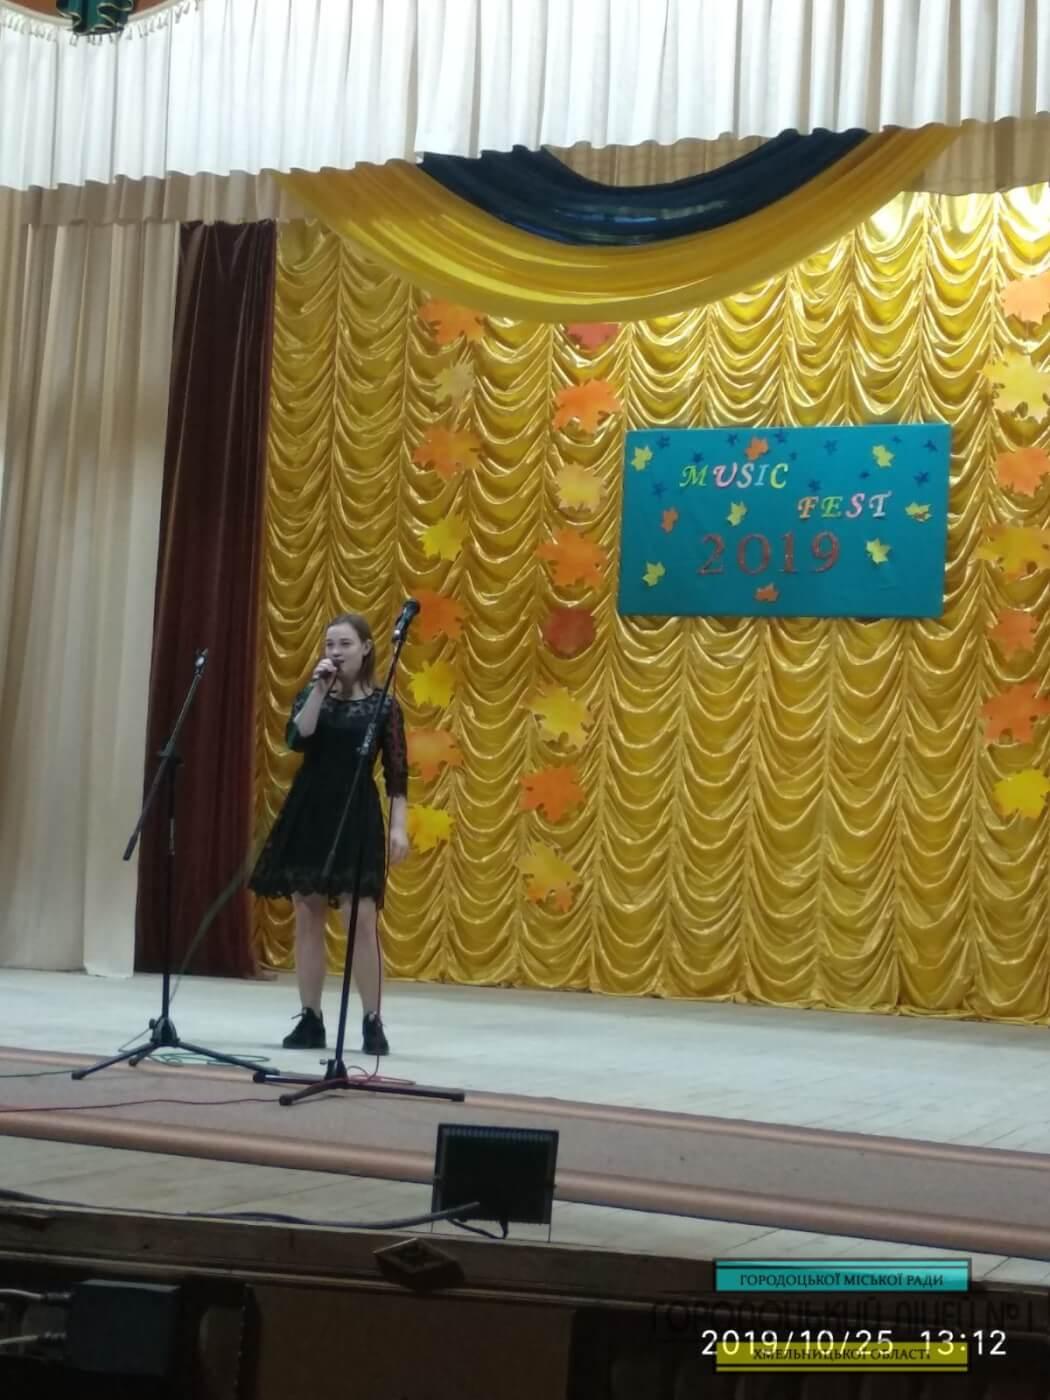 zobrazhennya viber 2019 10 31 14 30 25 - Music Fest «Городоцька осінь 2019»